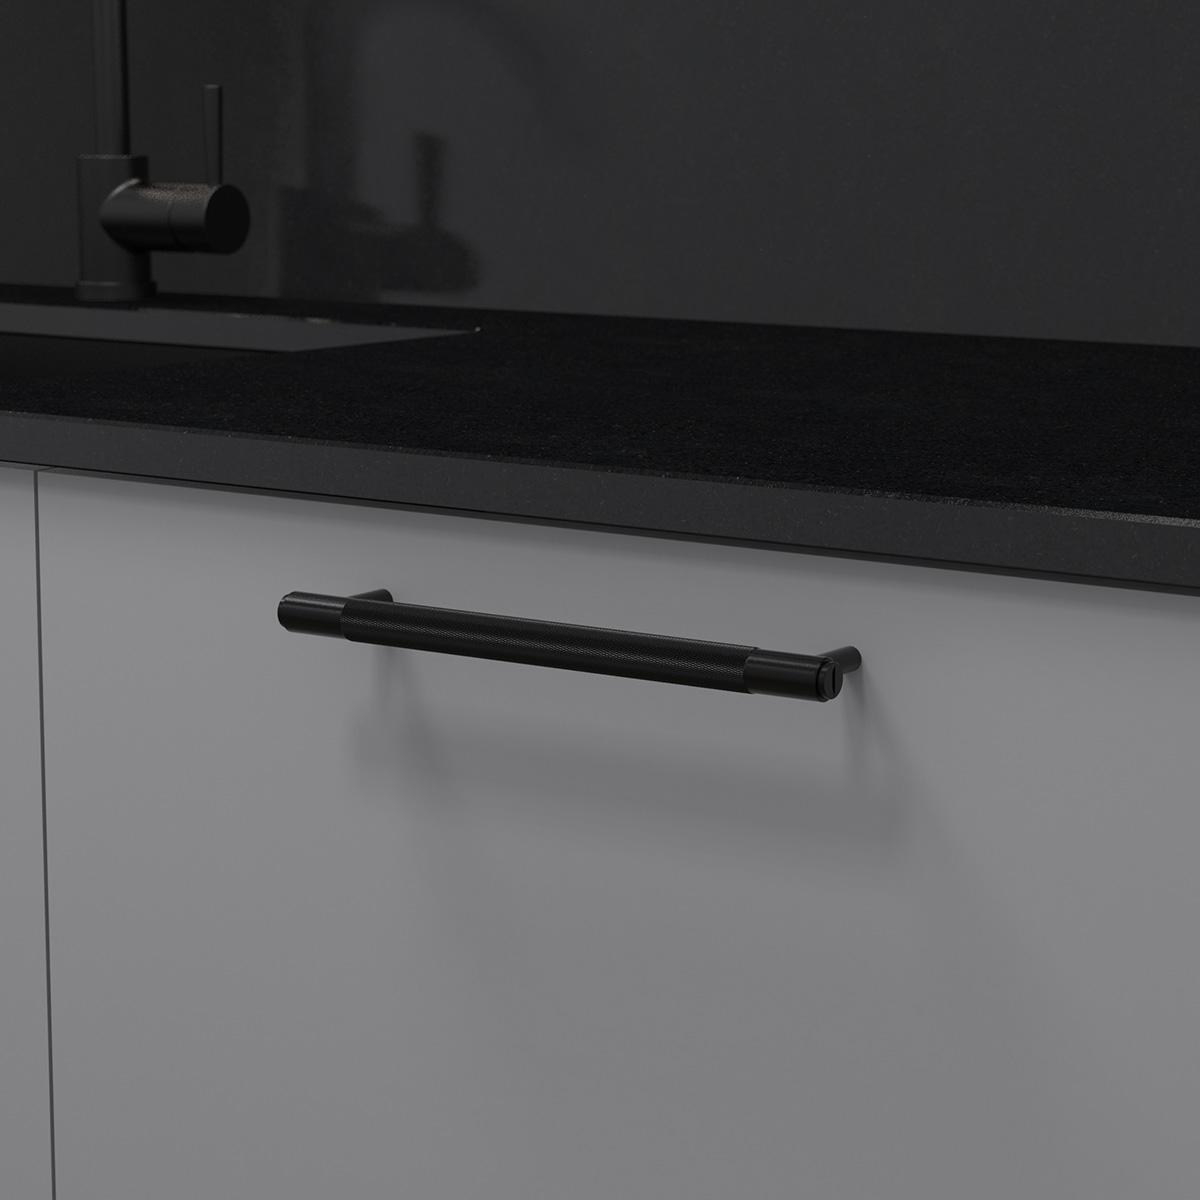 pull bar svart uk pb h 260 bl a cc 225 mm ncs s 4500 n granit svart